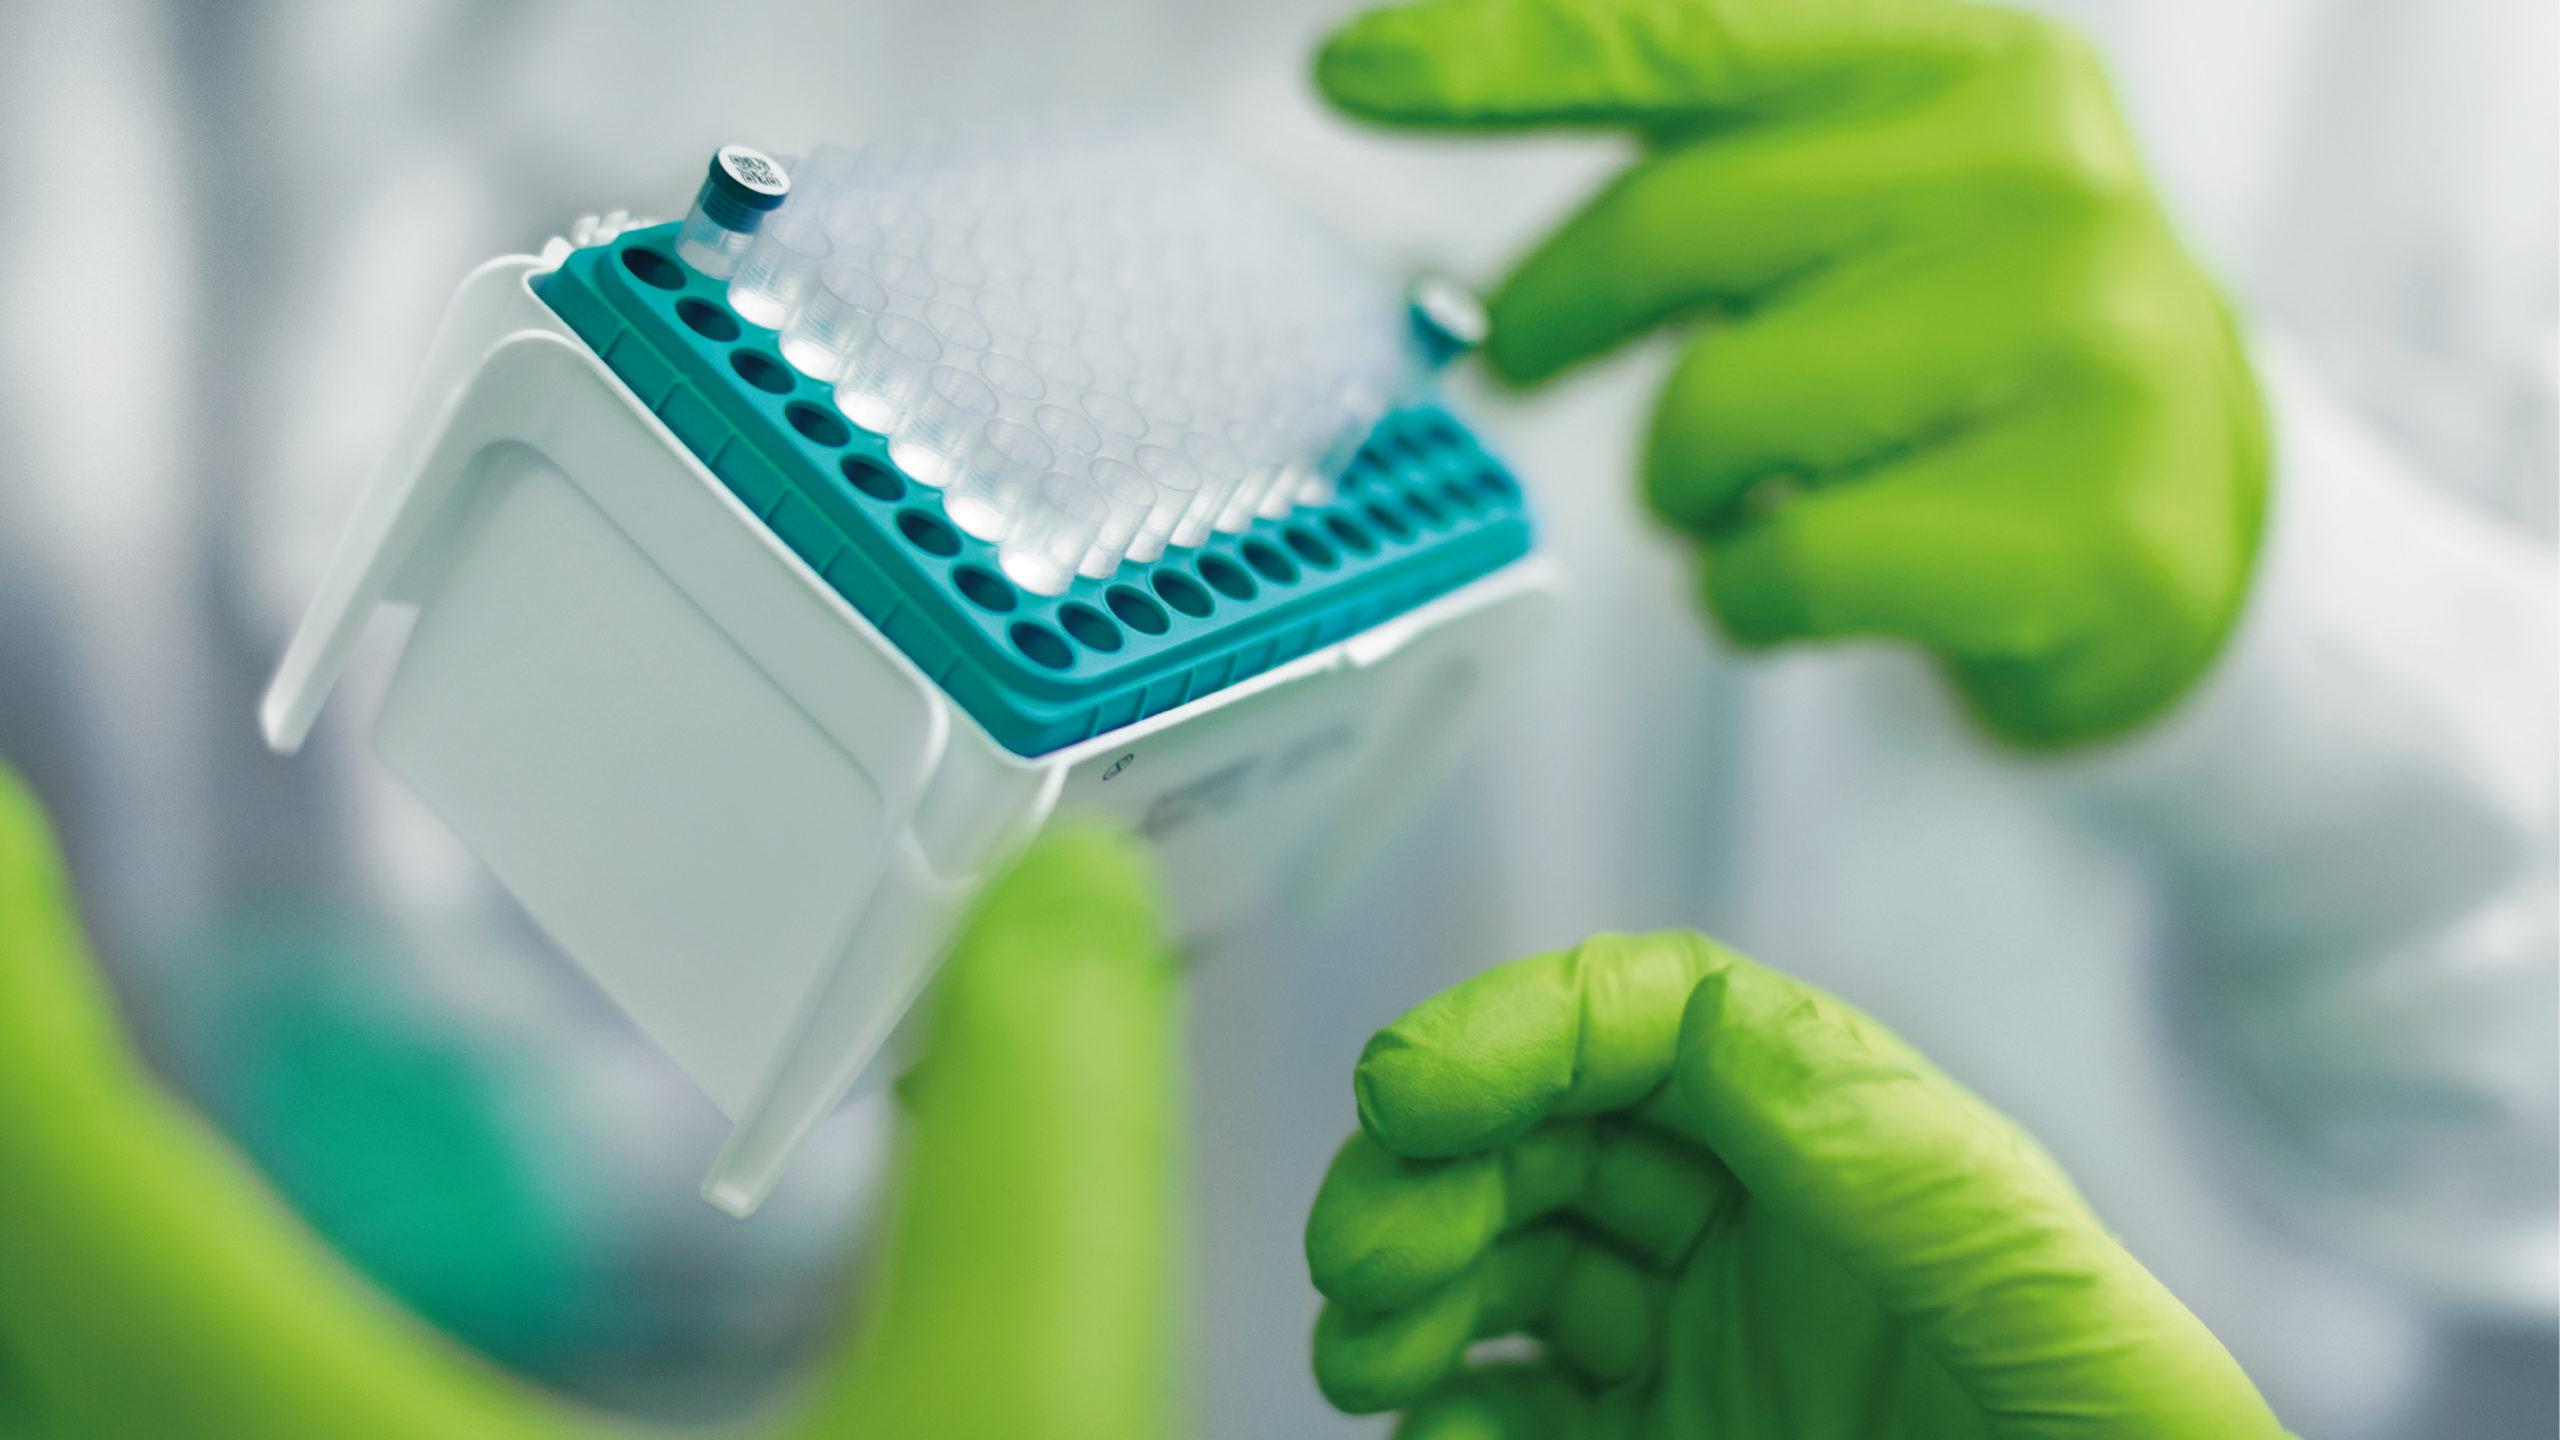 BioNTech obtiene ganancias de 1,372 mdd en primer trimestre gracias a vacunas contra Covid-19